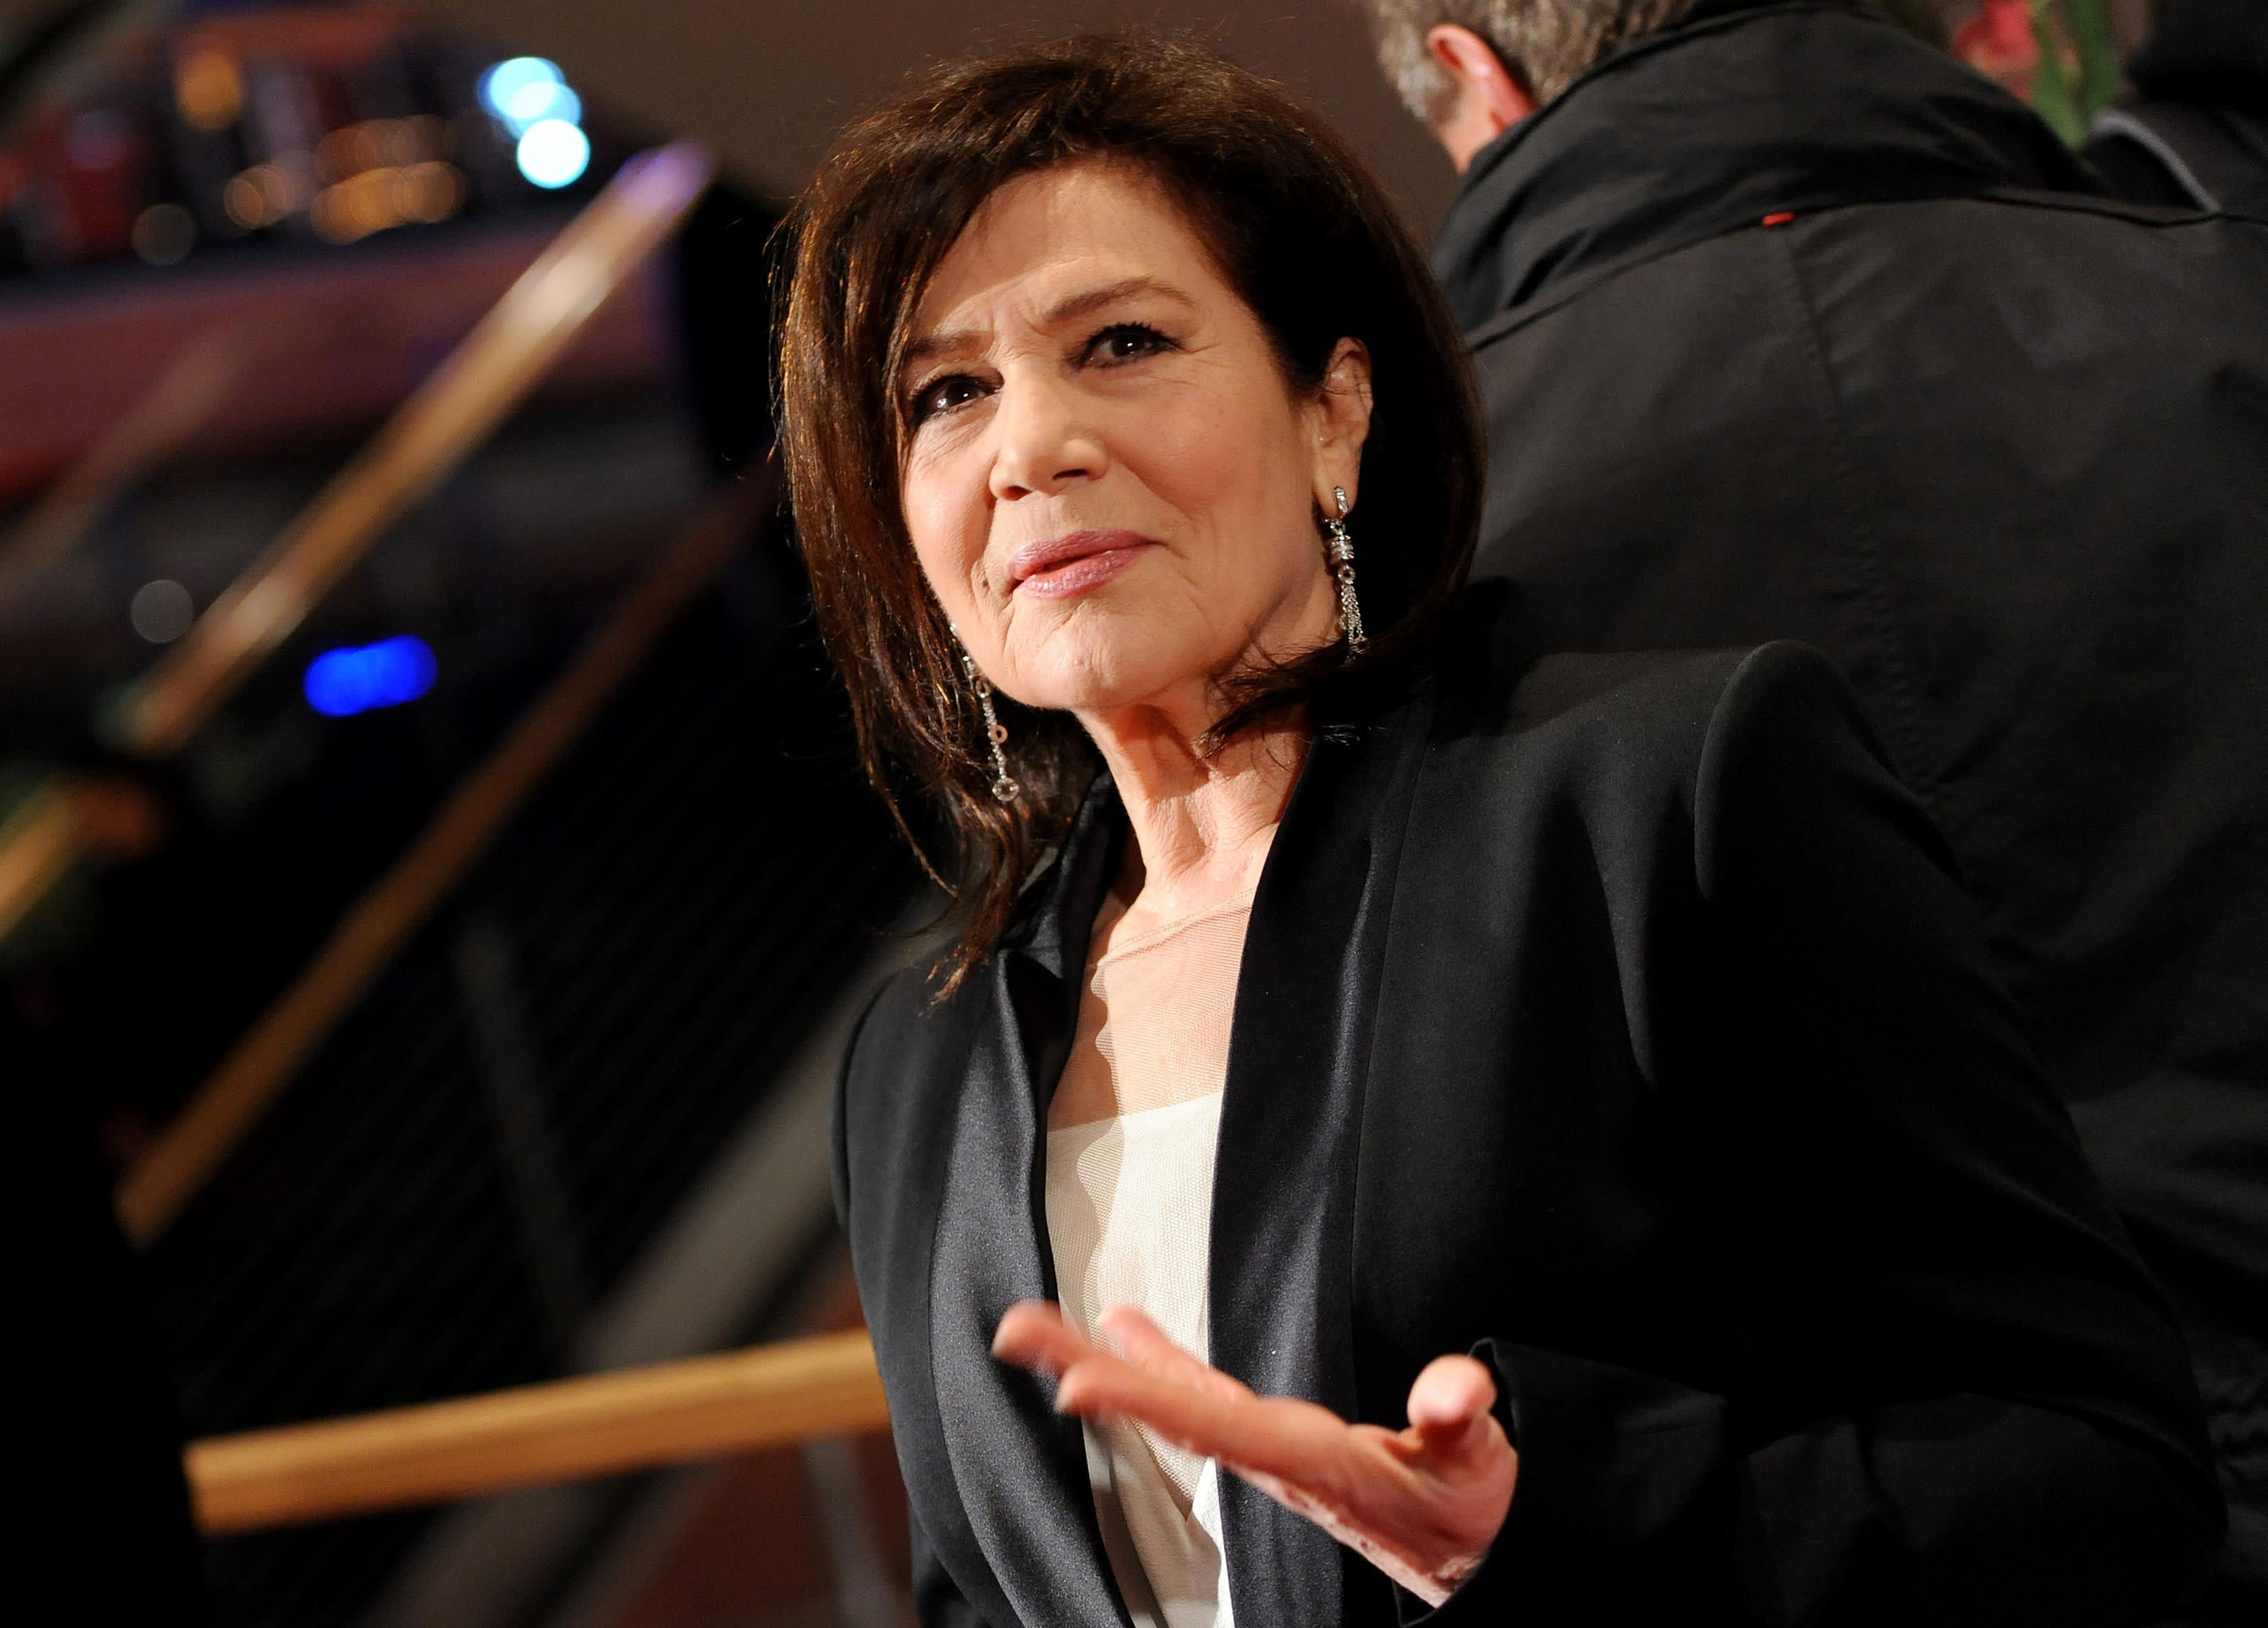 Näyttelijä Hannelore Elsner Berliinin elokuvajuhlilla vuonna 2013.